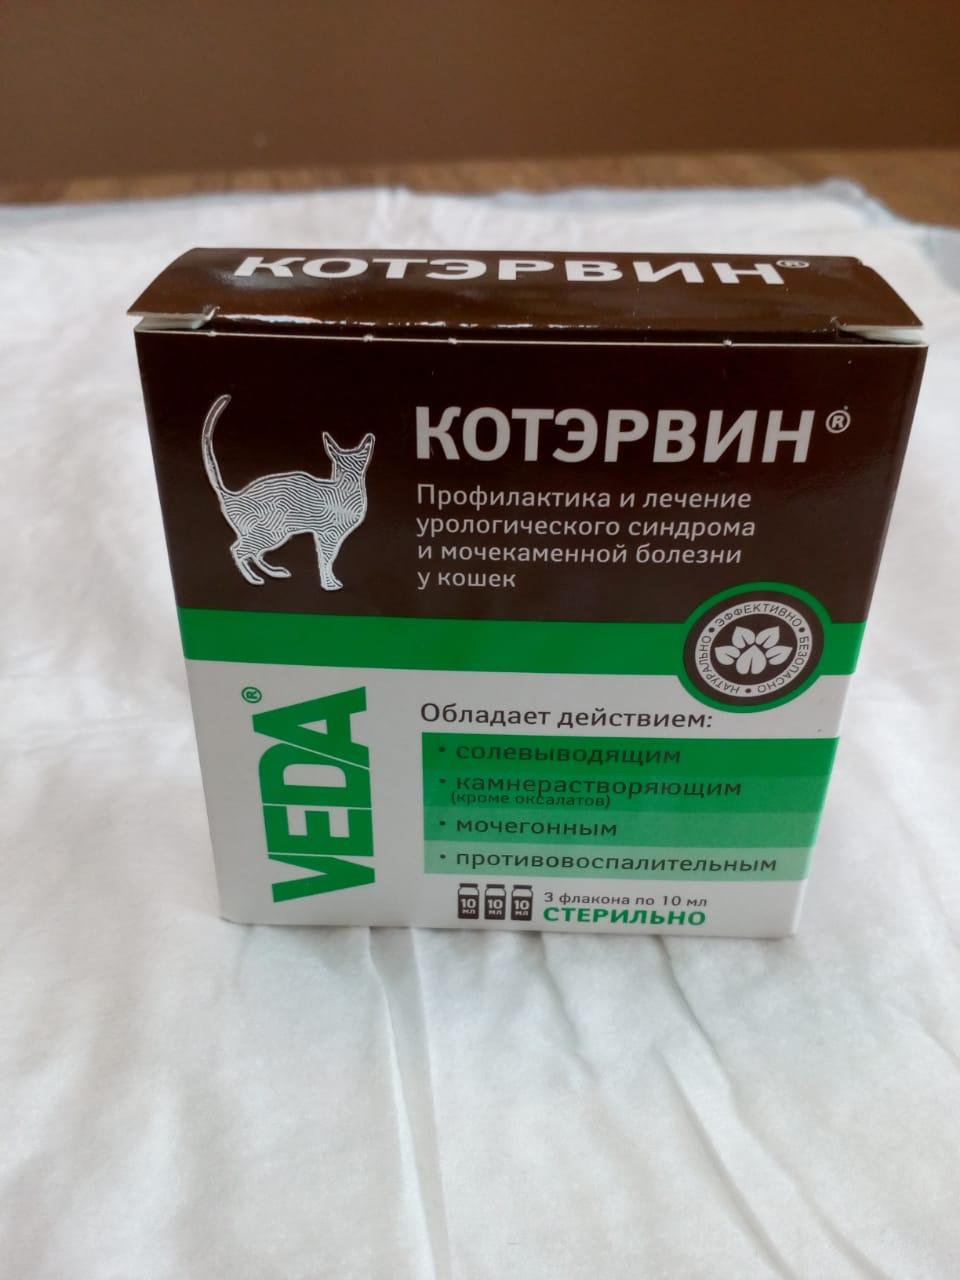 Препарат котэрвин для лечения кошек